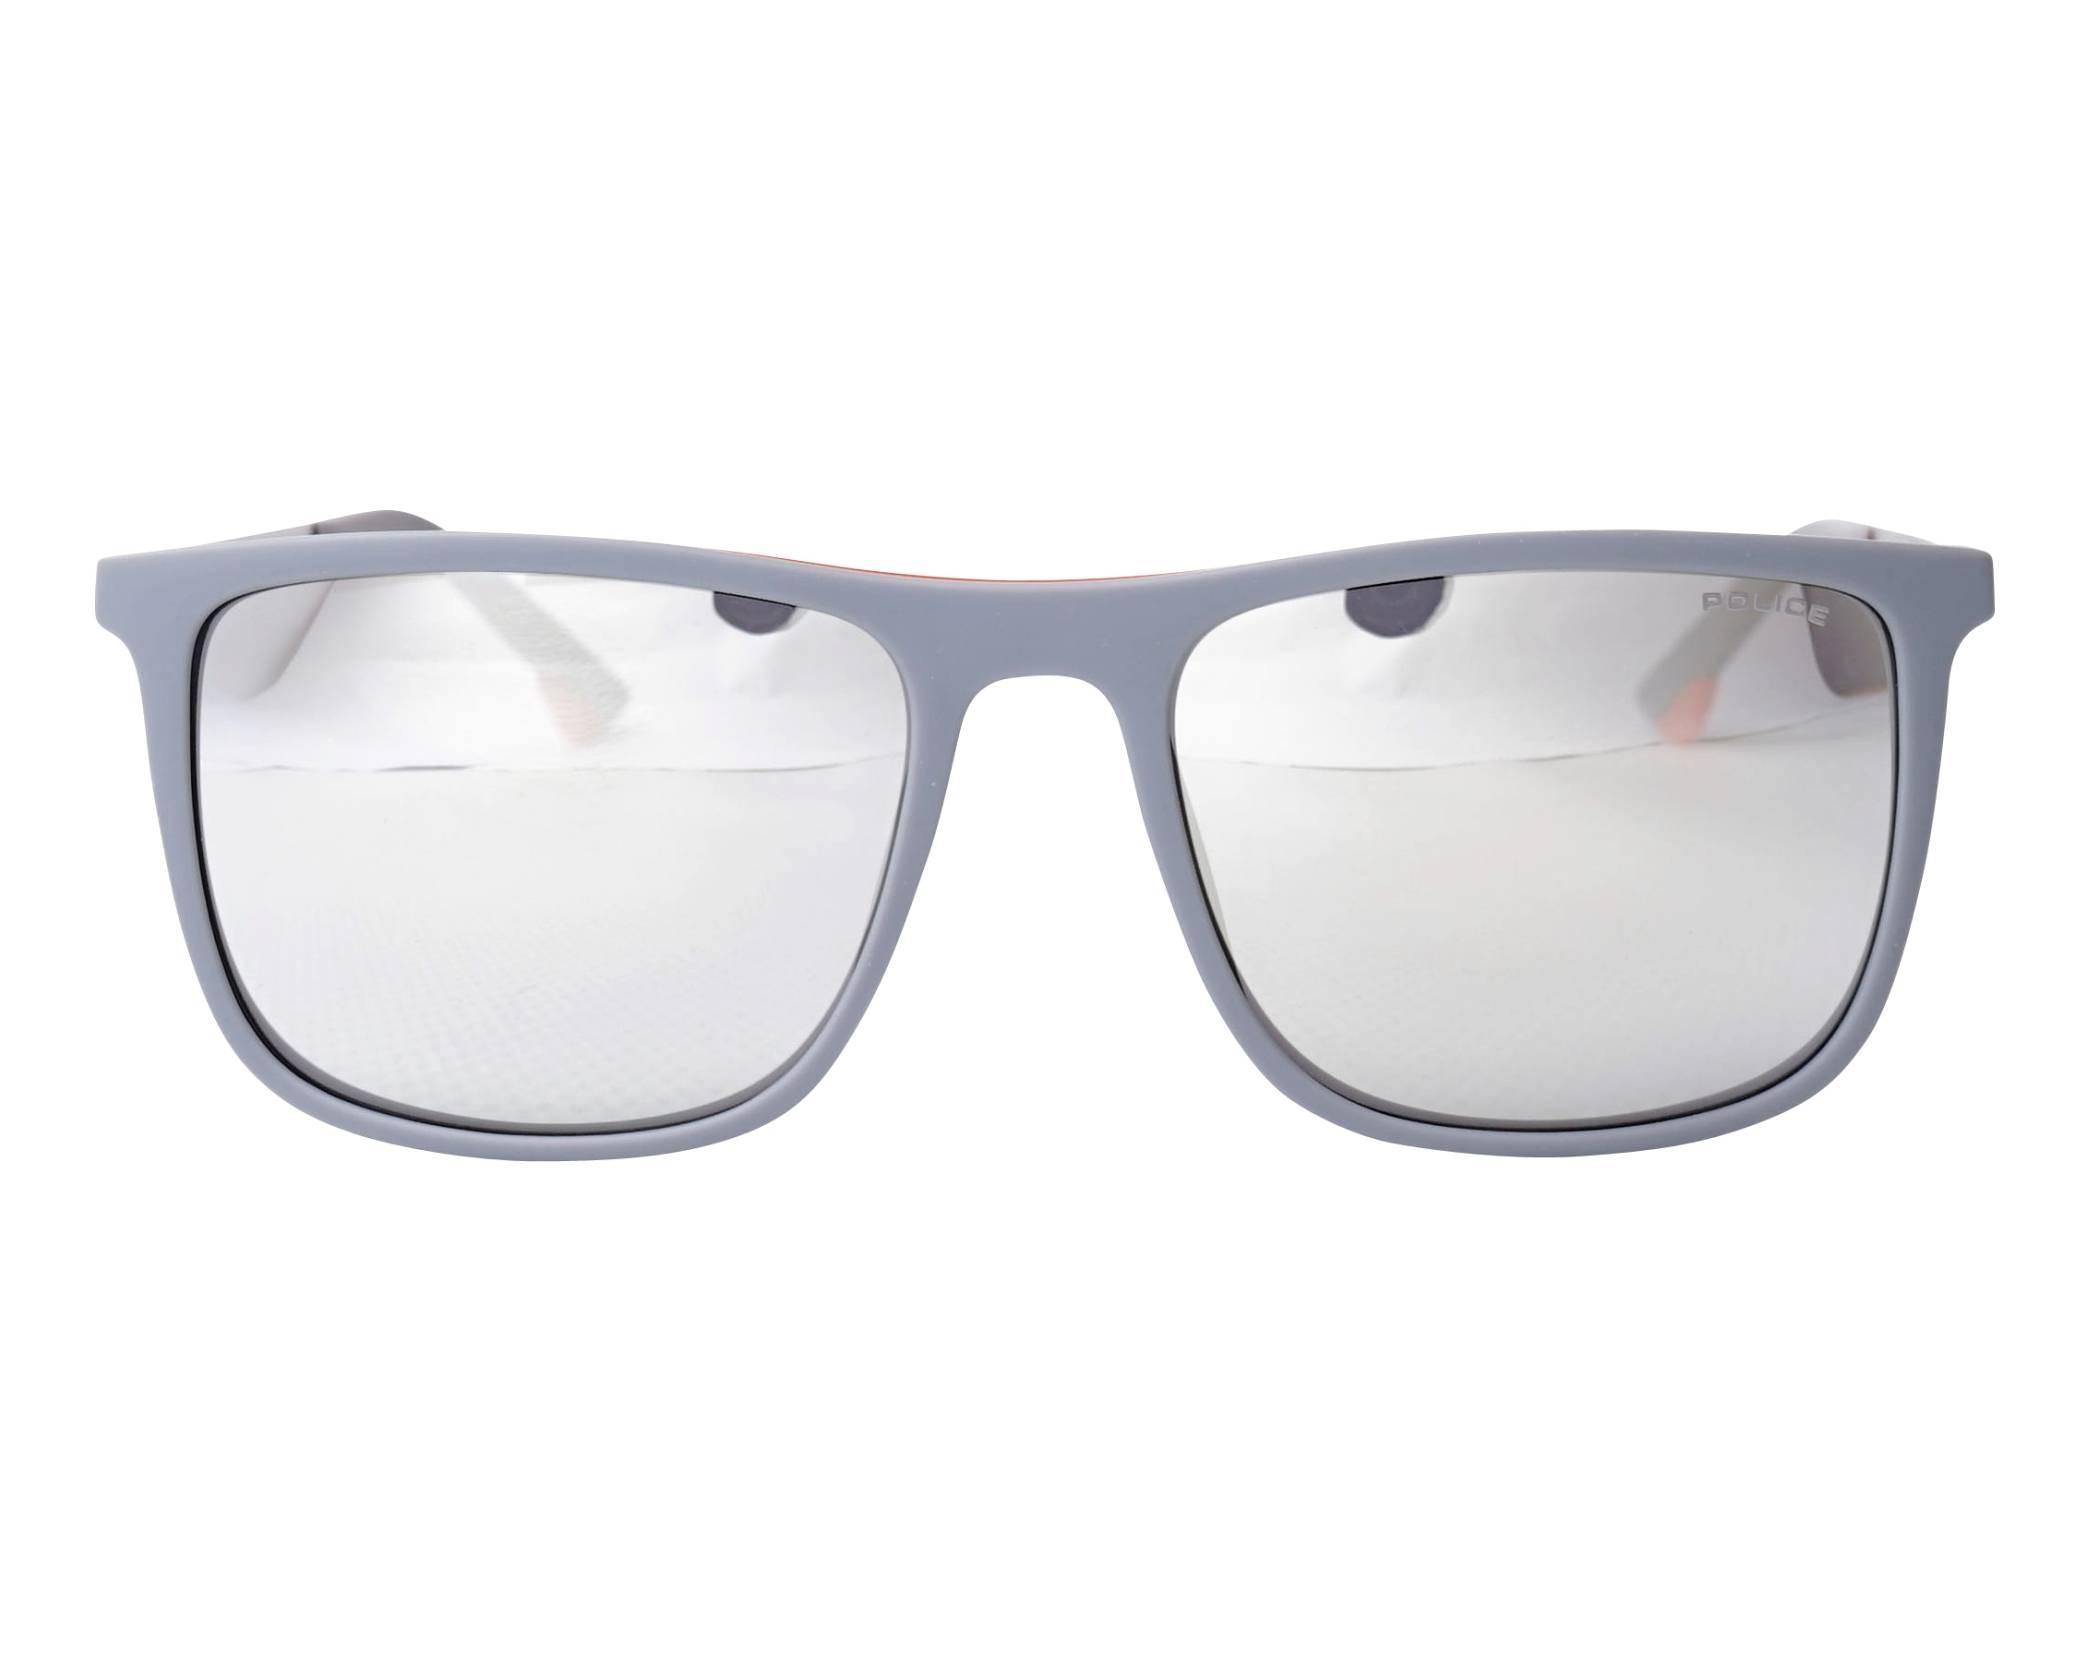 f8cd5fa32d Gafas de sol Police SPL-770 L65X 55-18 Gris Plata vista de frente